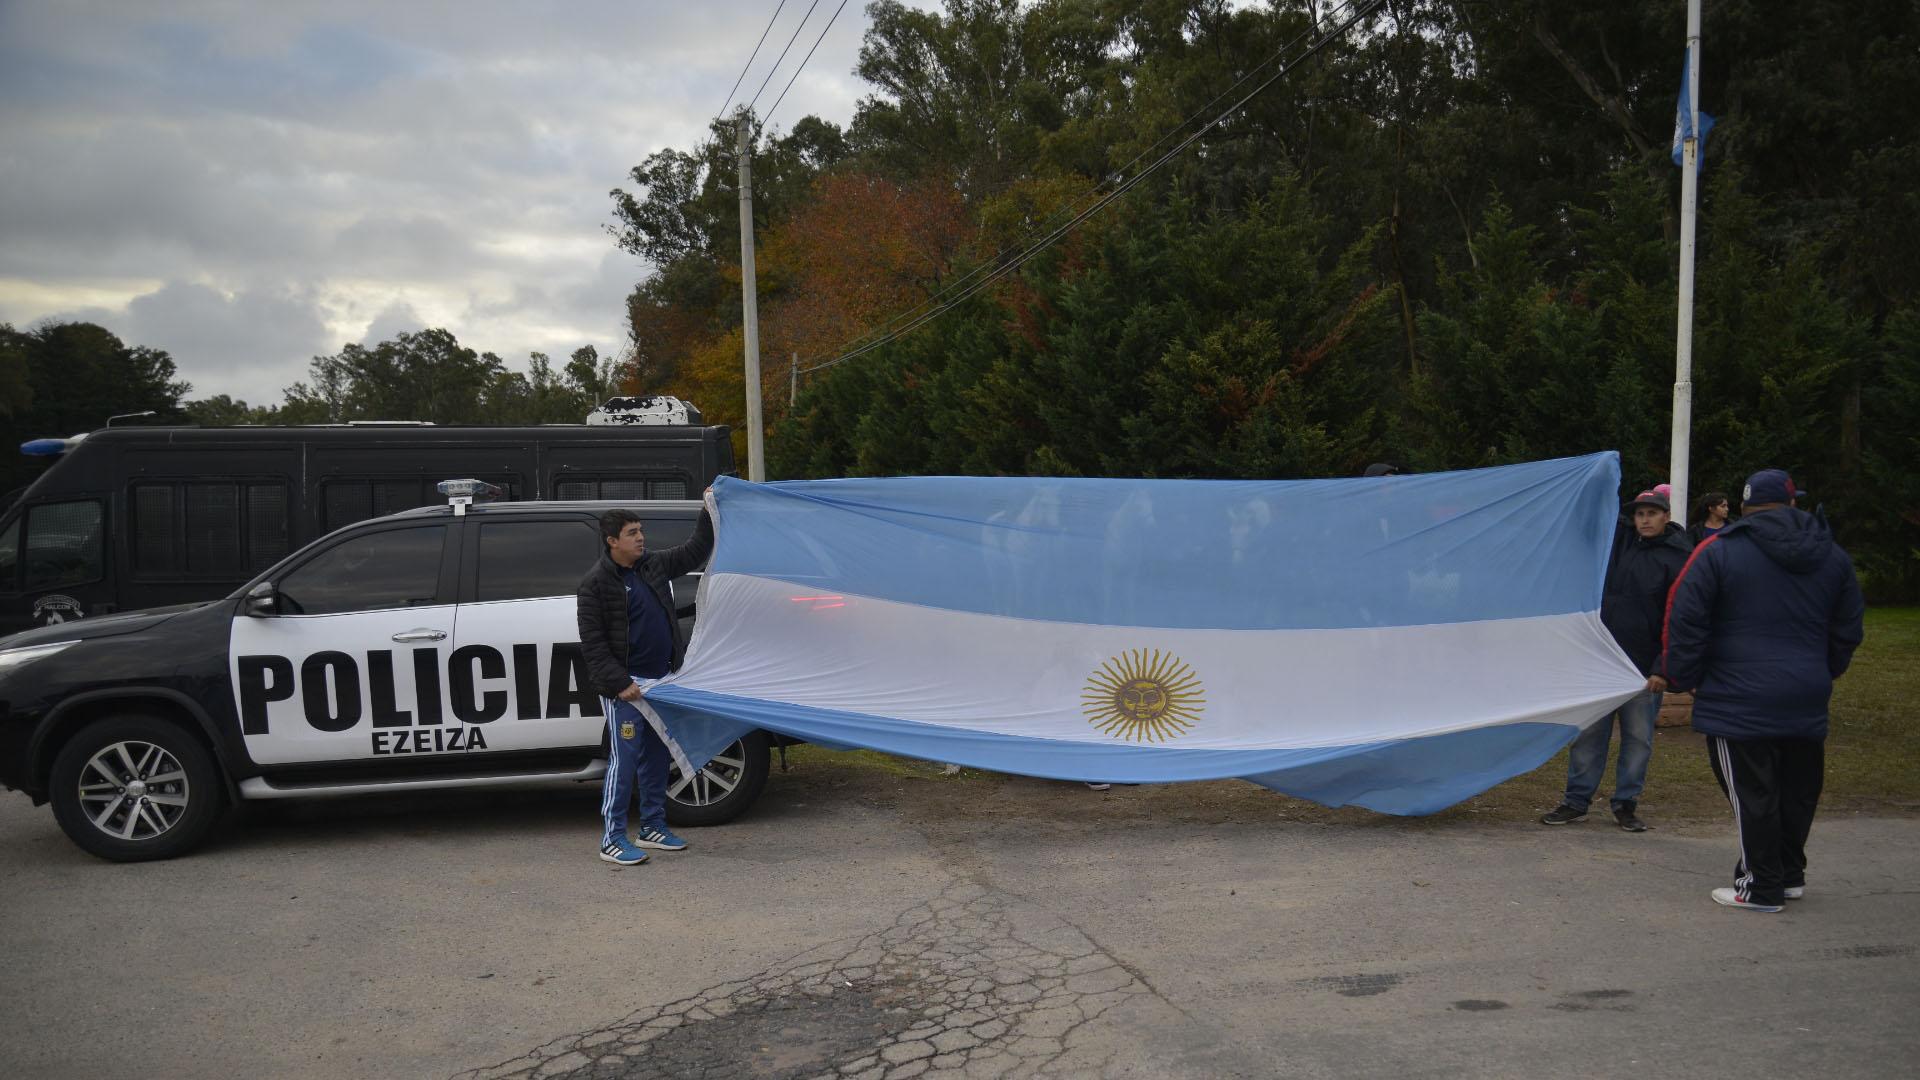 La bandera argentina, presente en las inmediaciones del predio que la AFA posee en Ezeiza